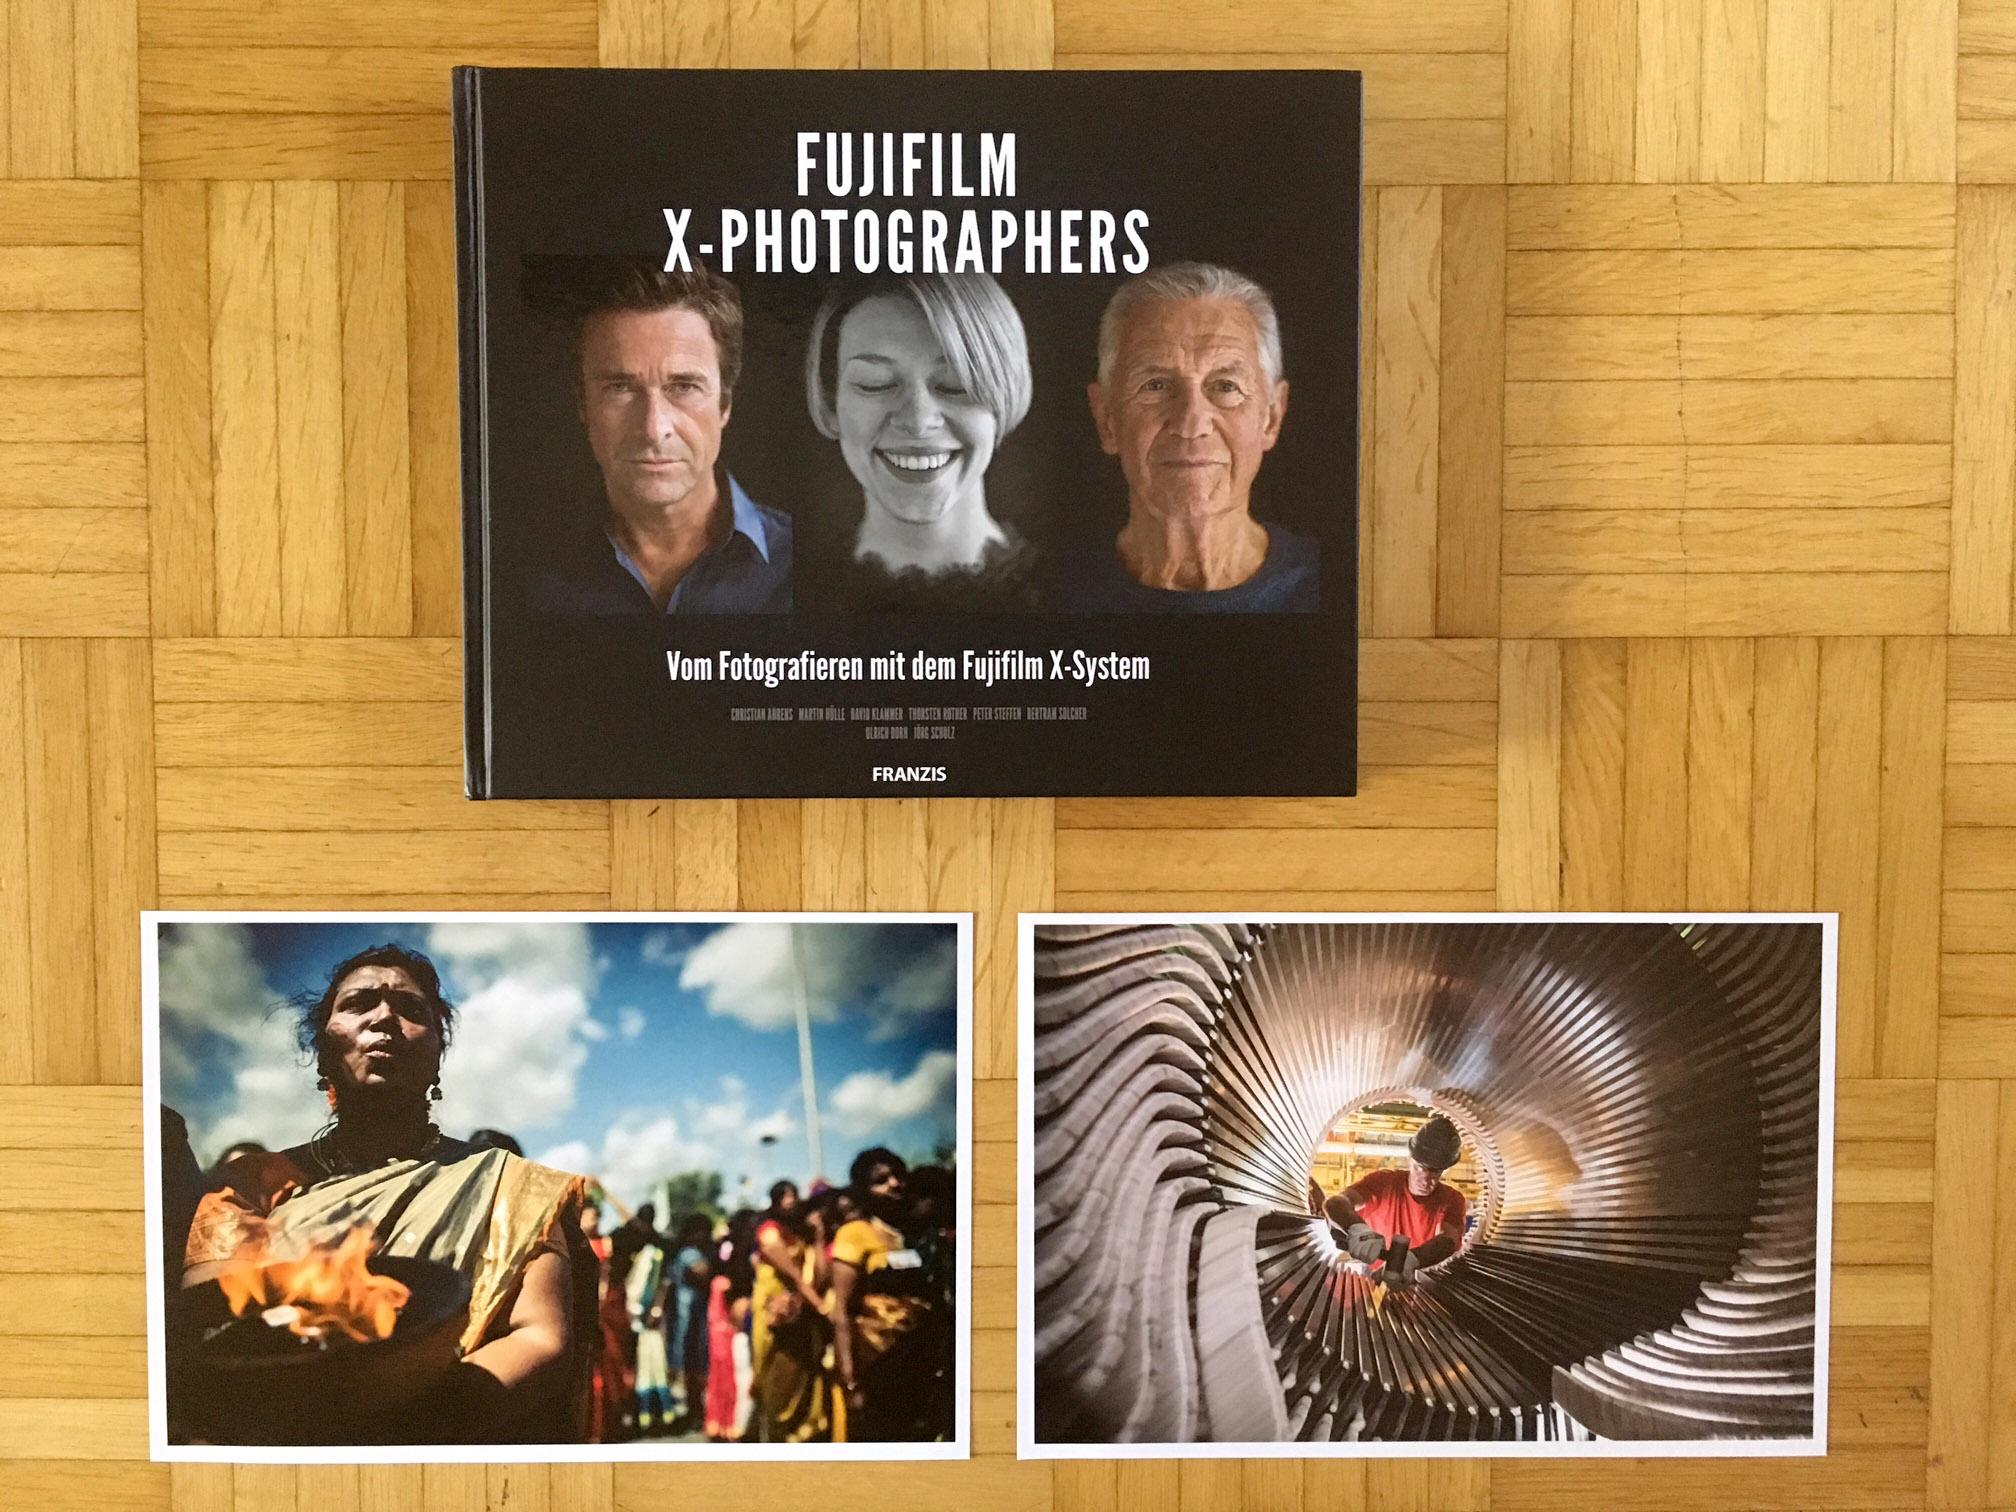 Das Fujifilm X-Photographers Buch, Special Edition signiert inkl 2 Prints für 49,95 Euro! Bei mir zu kaufen.  Eine Leseprobe als Download PDF gibt es hier.